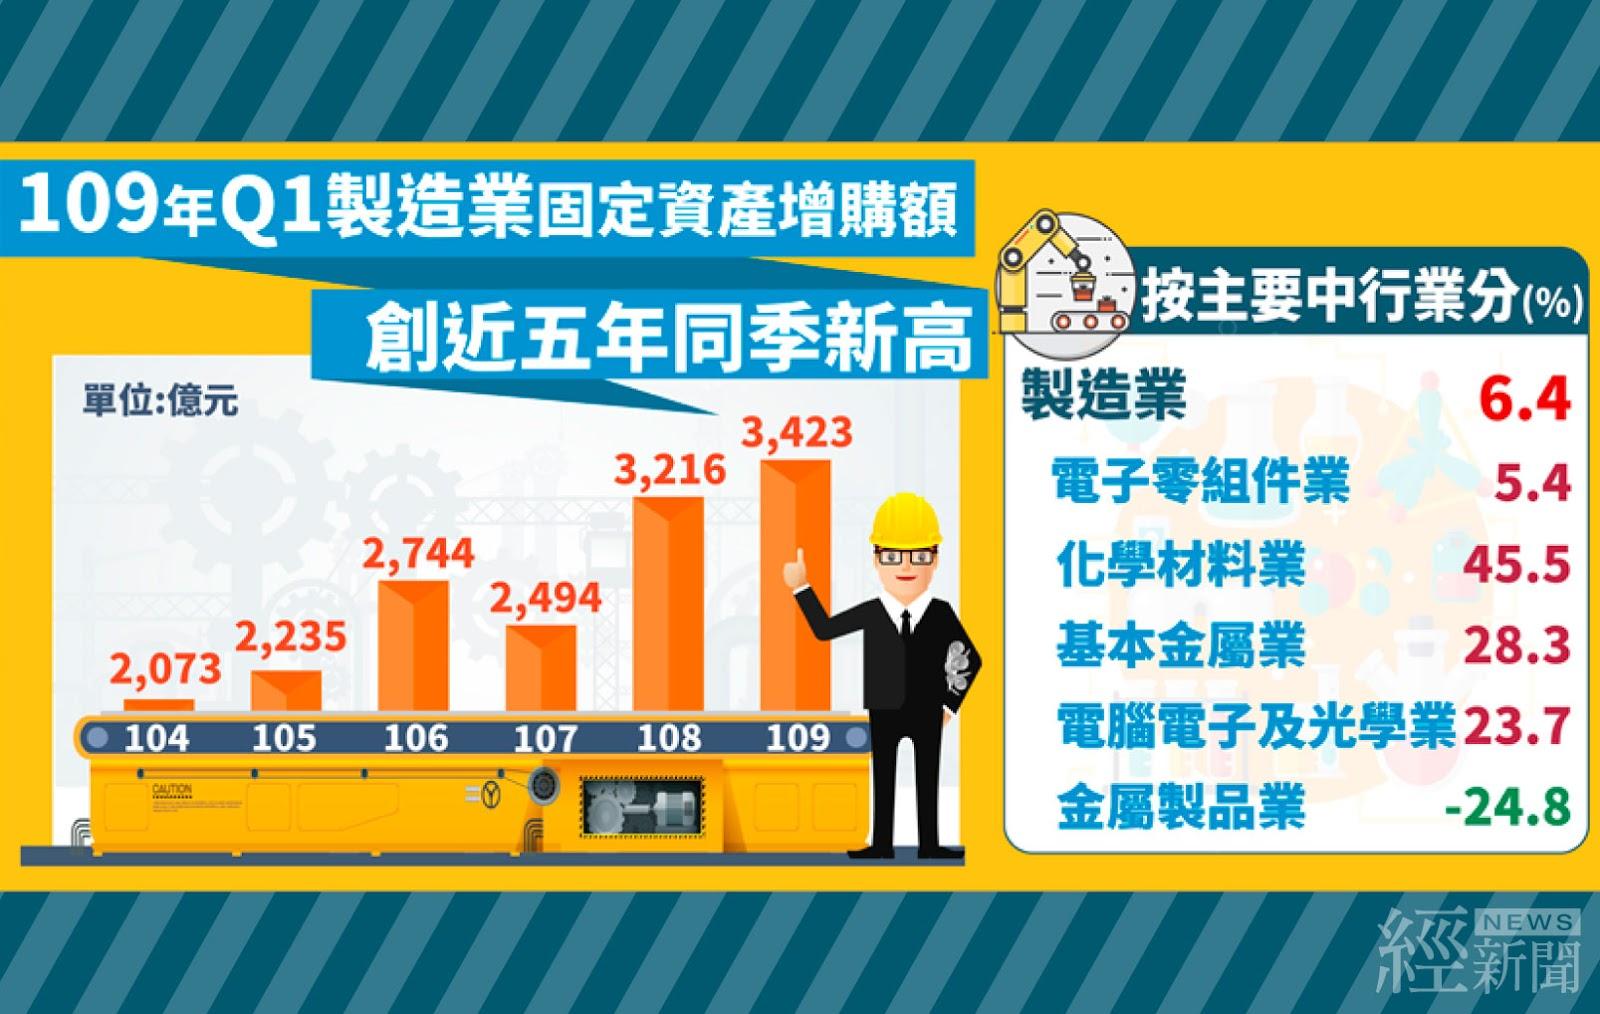 不受疫情影響 第1季製造業投資年增6.4%